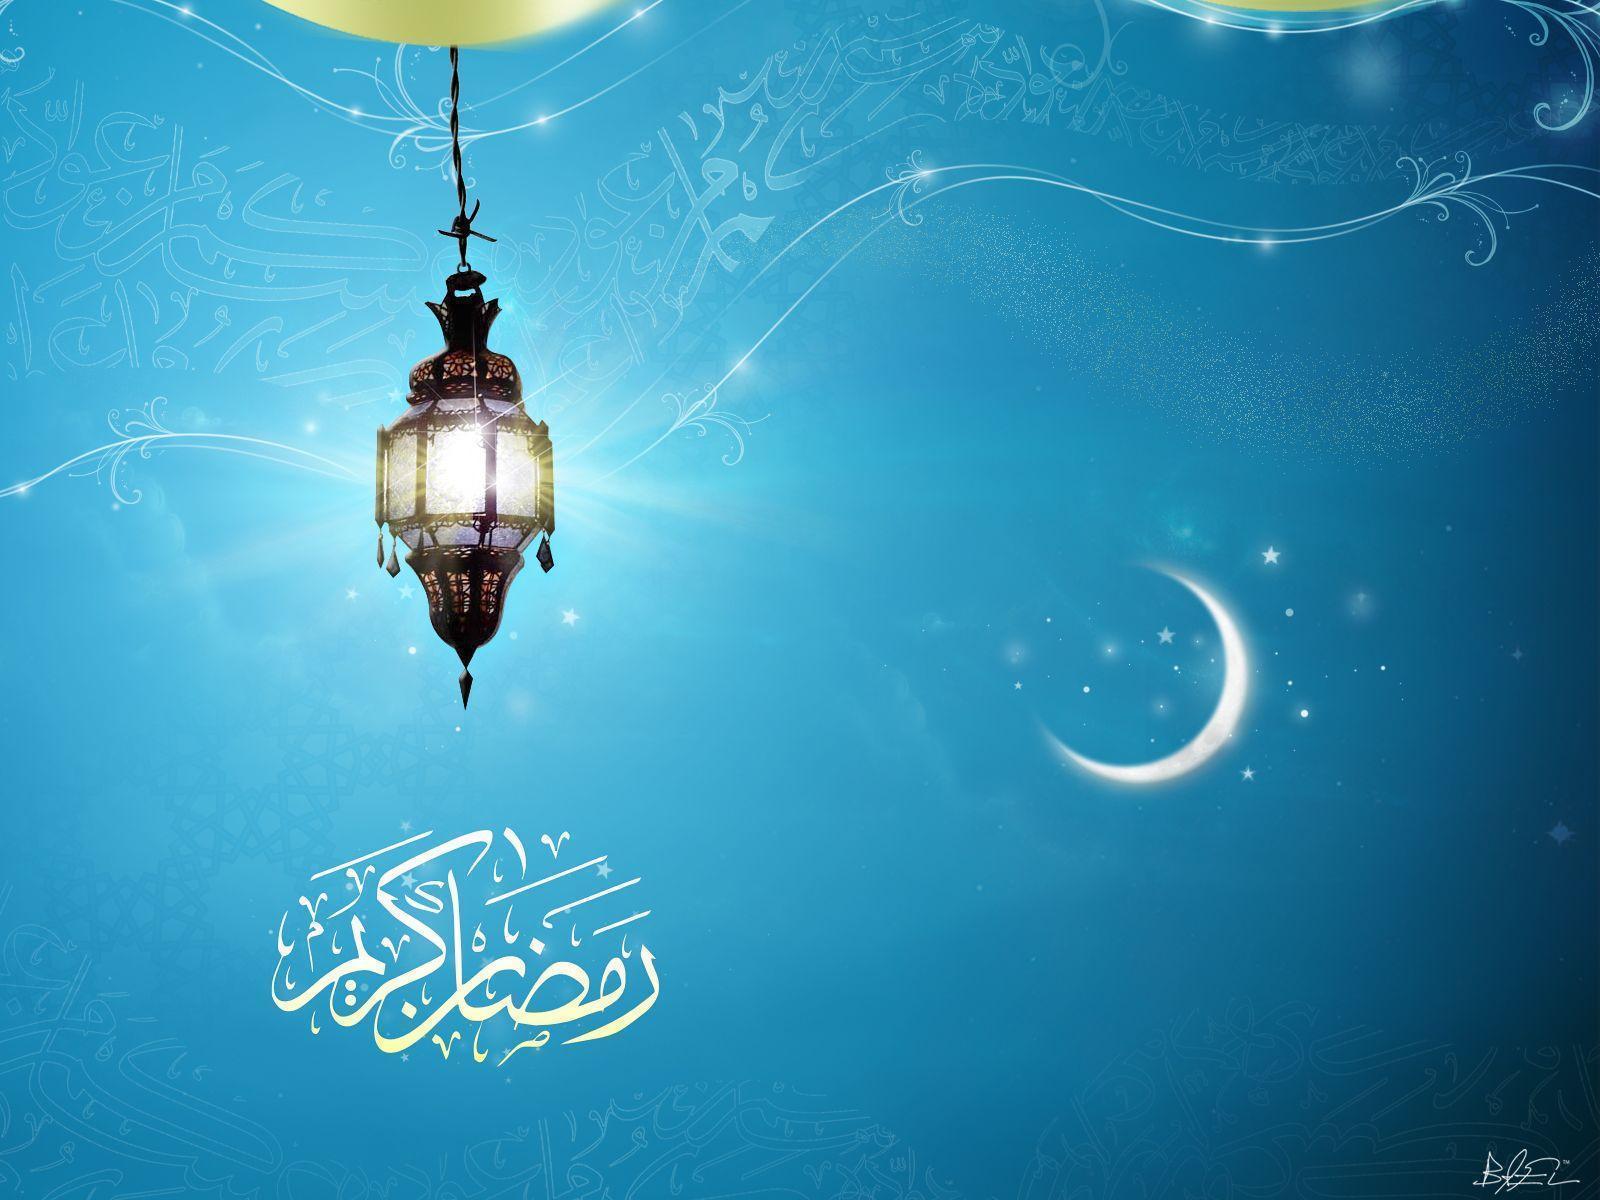 15 Beautiful Ramadan Desktop Wallpapers (2012) - Hongkiat